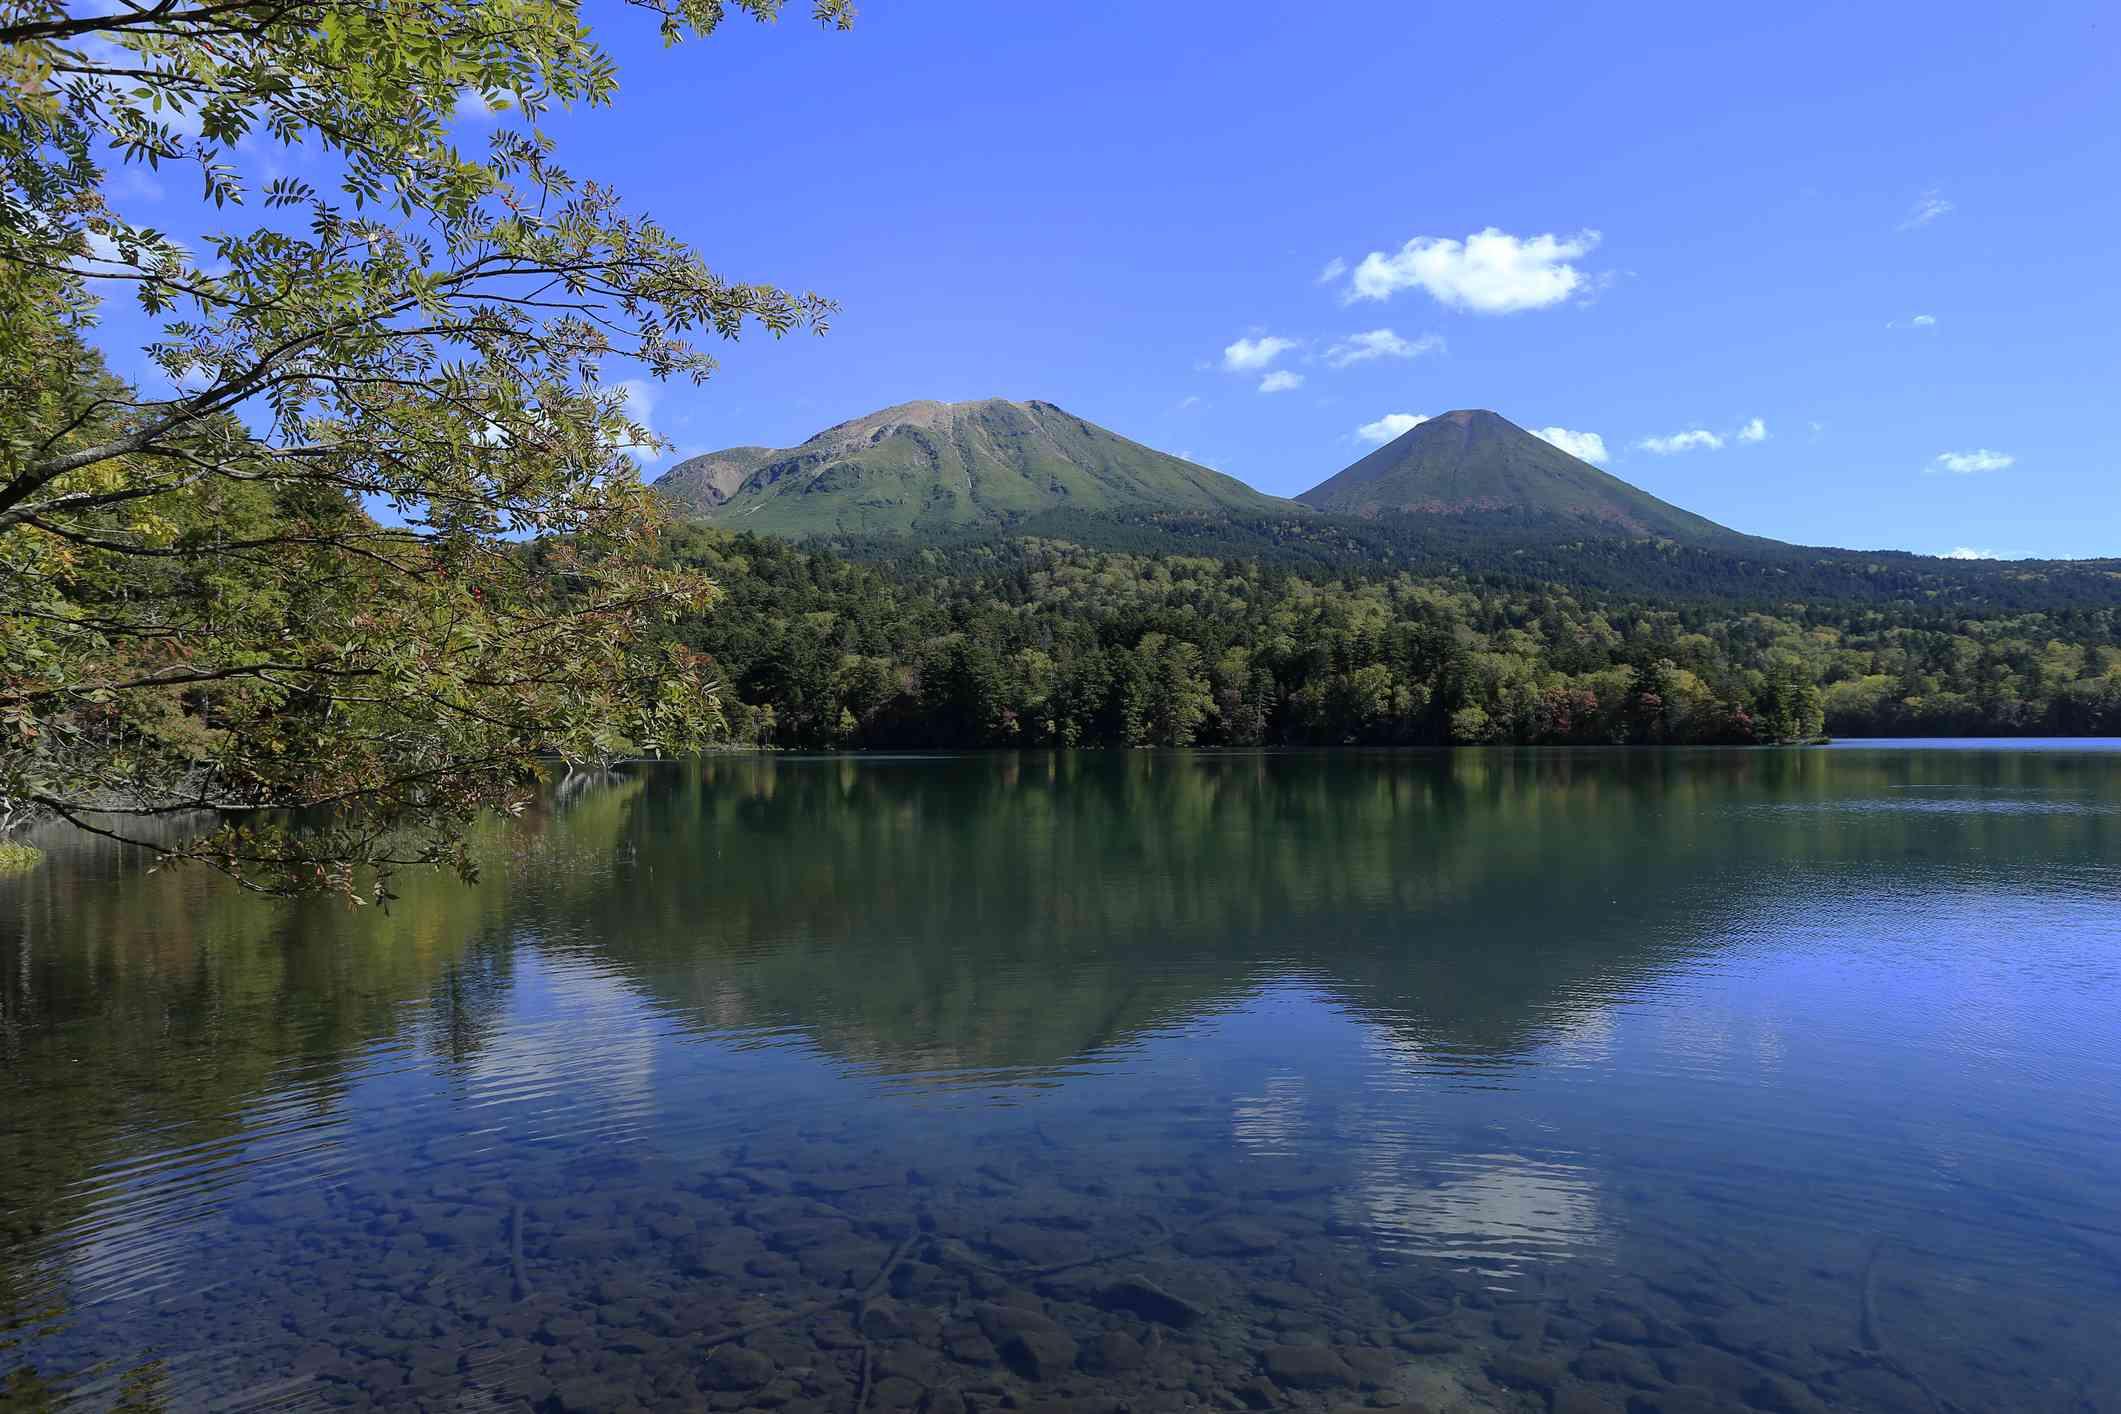 Mount Mashu